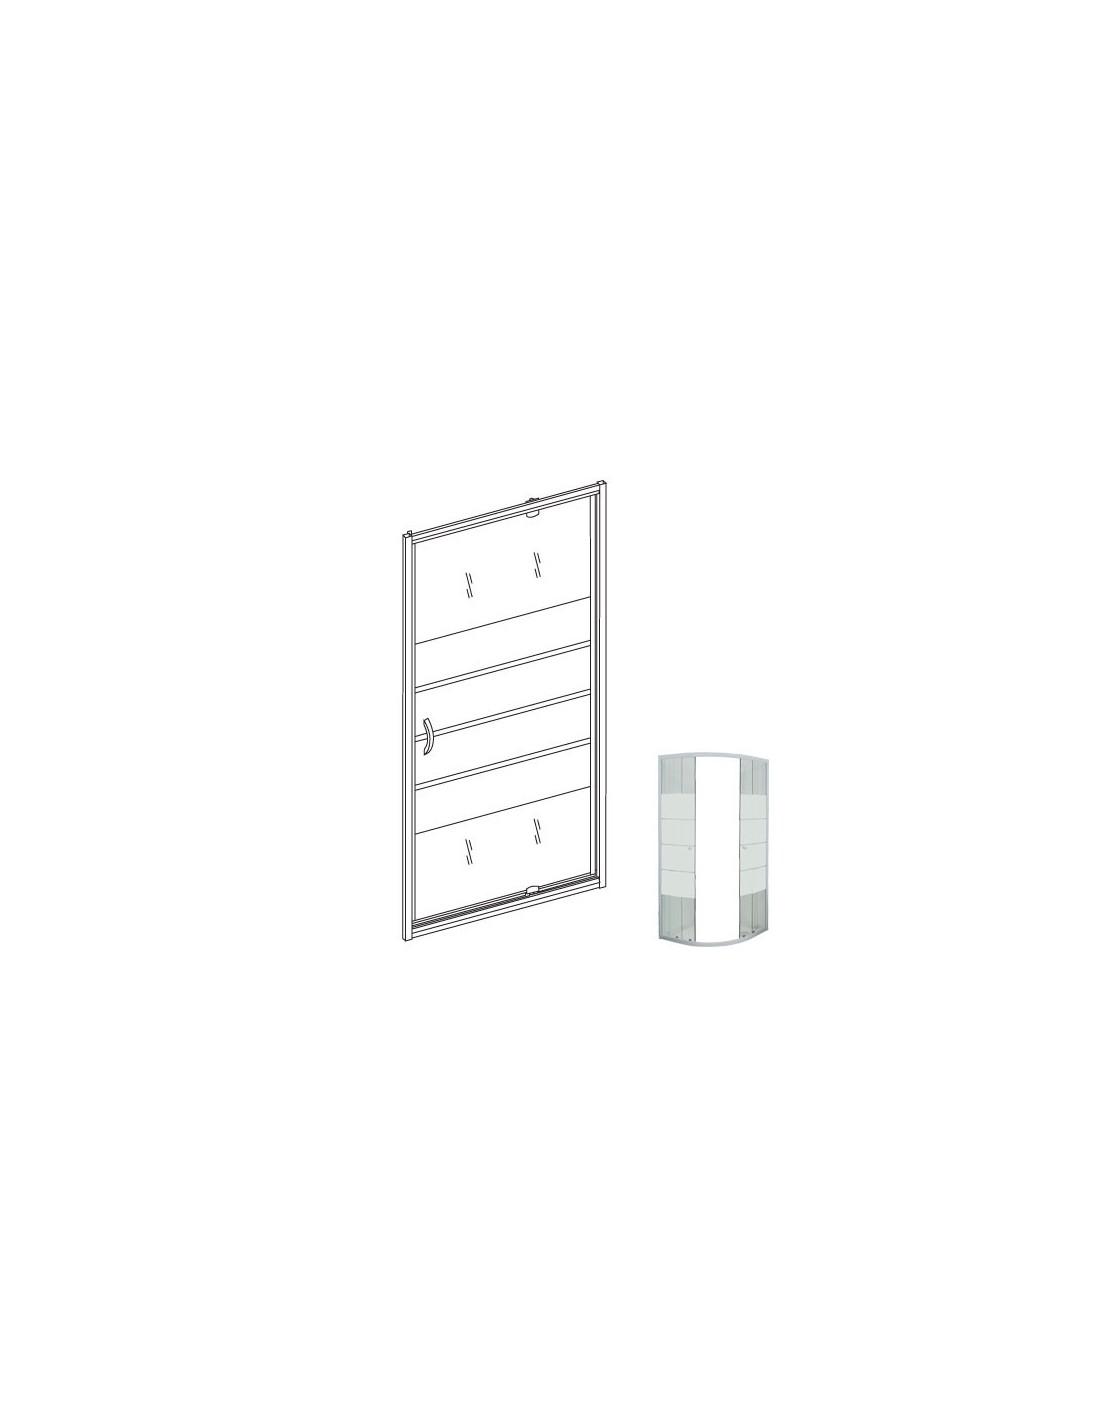 paroi de douche eris porte pivotante pour bac 80 cm. Black Bedroom Furniture Sets. Home Design Ideas